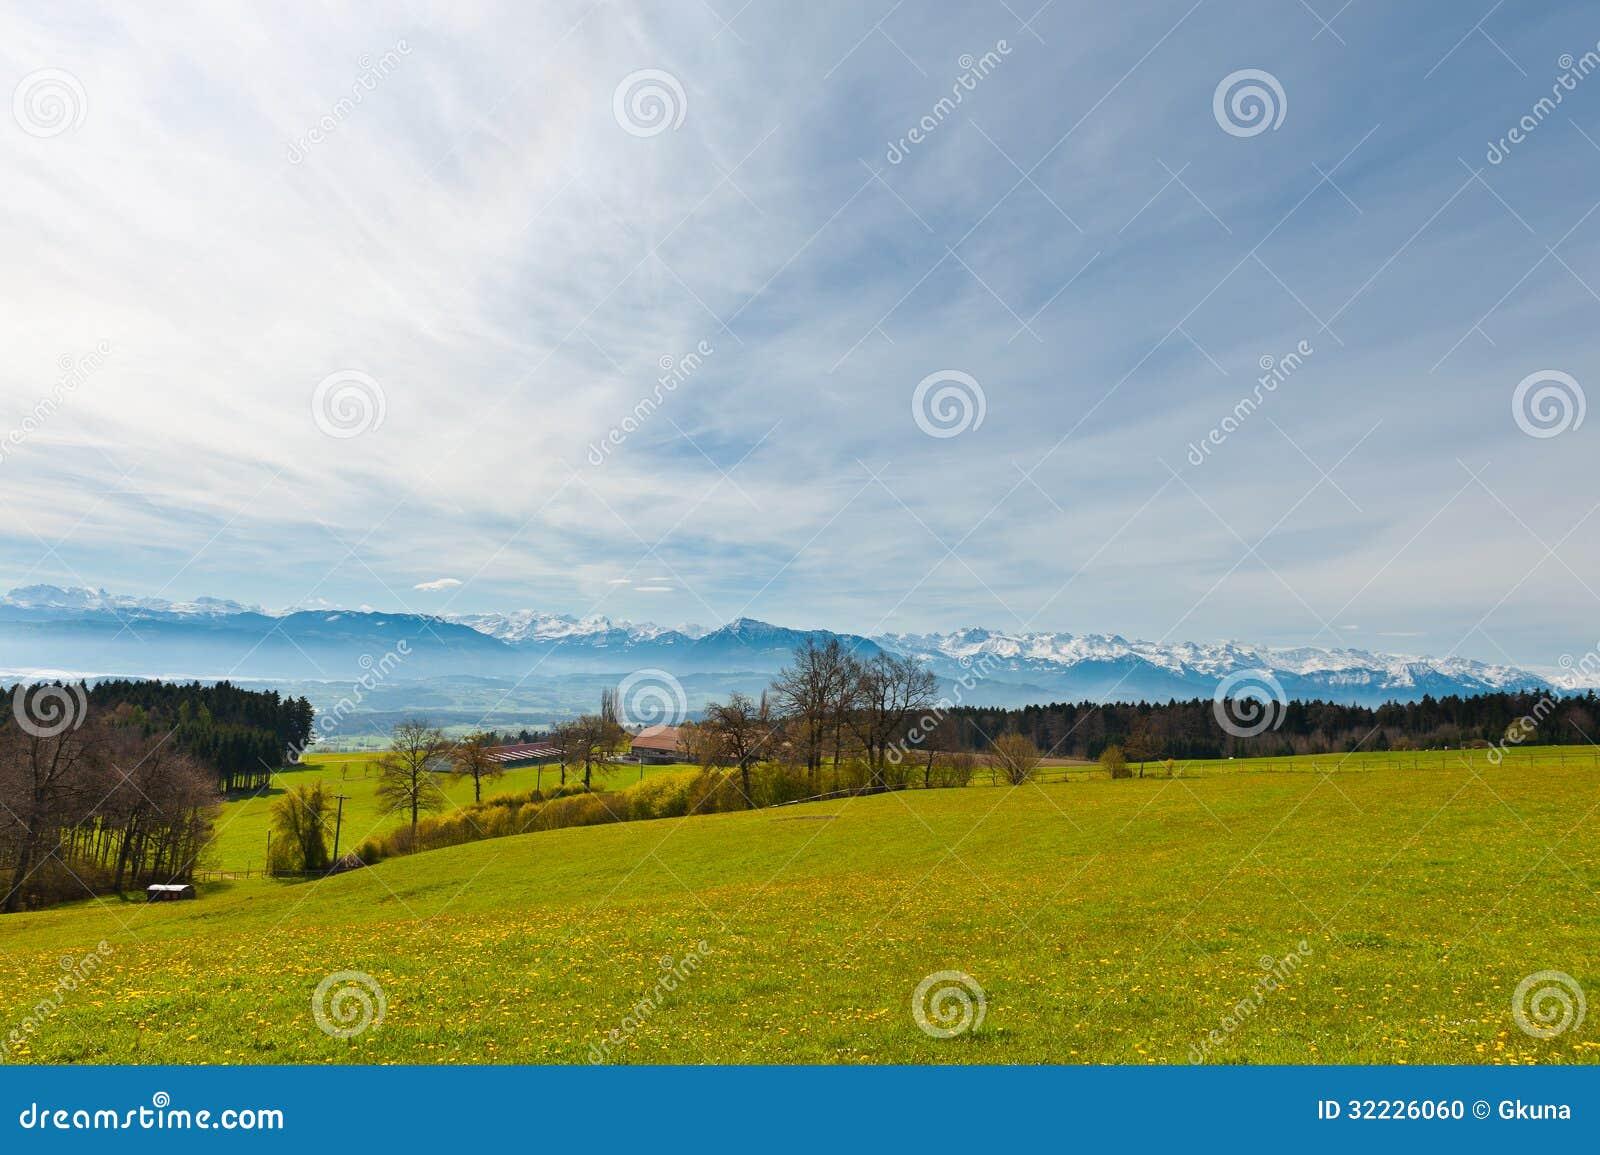 Download Pasto foto de stock. Imagem de fazenda, casa, alpes, crescimento - 32226060